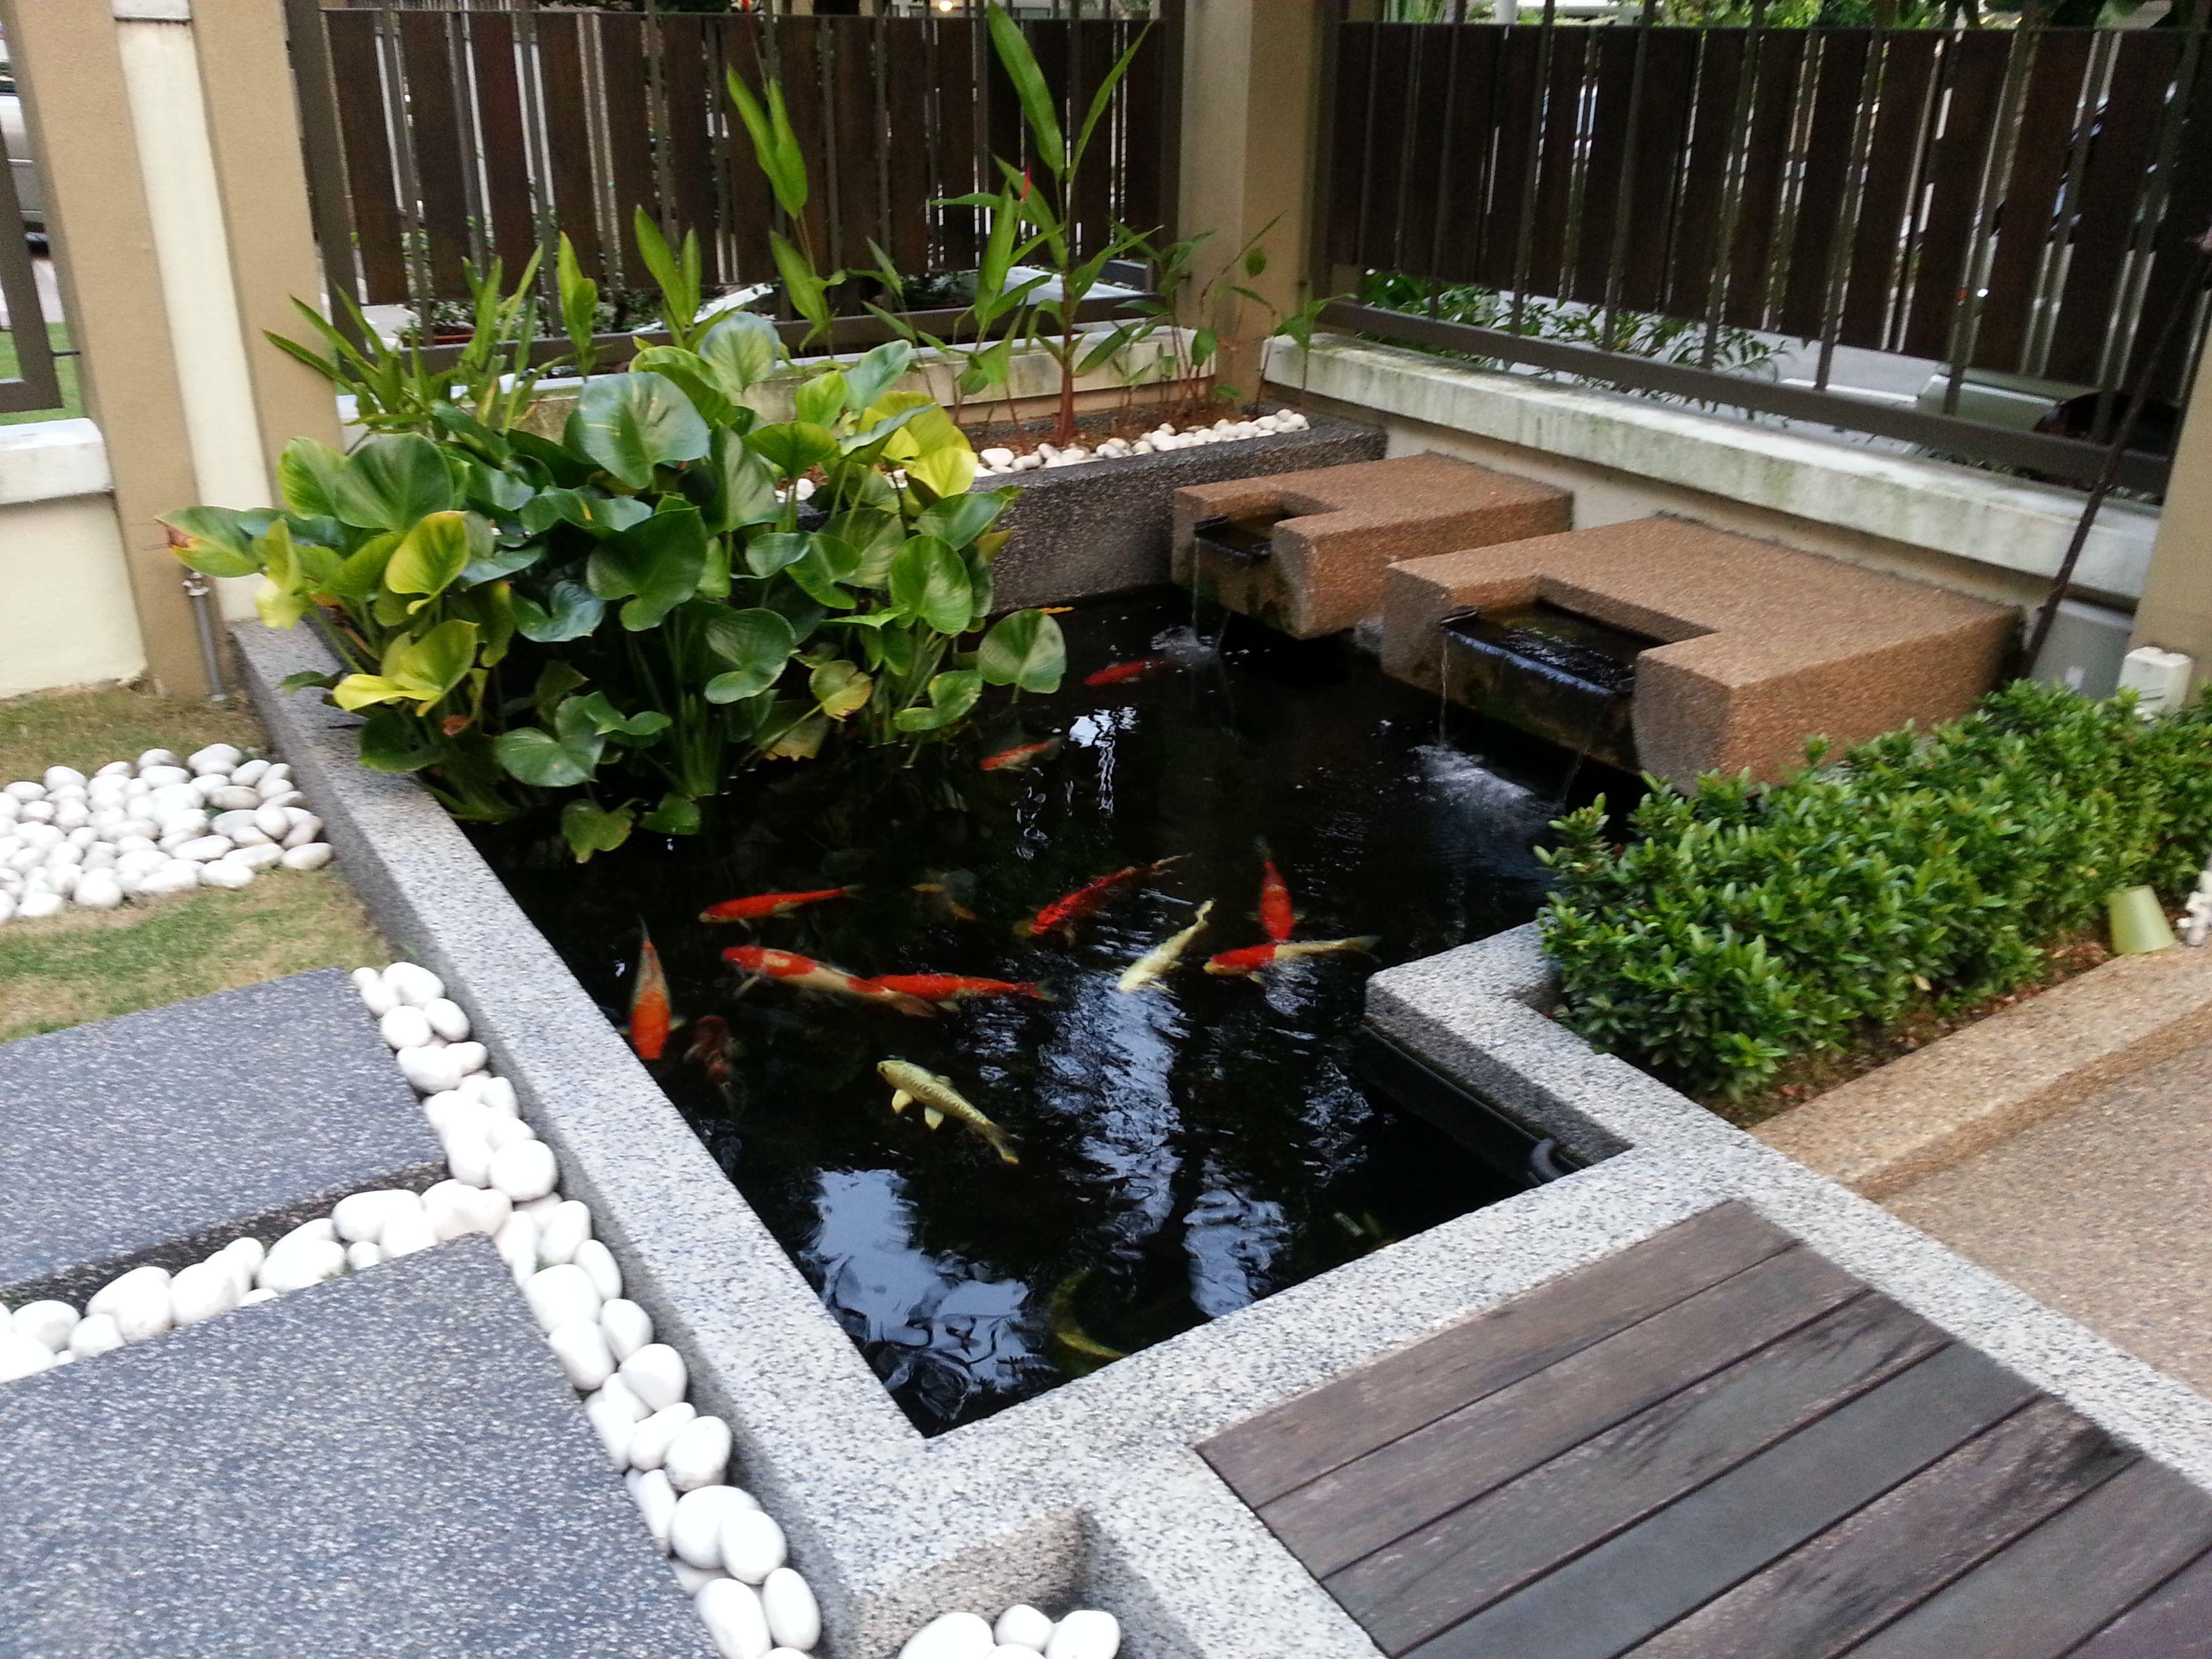 Koi Pond Koi Pond Ponds Backyard Pond Design Modern backyard koi pond